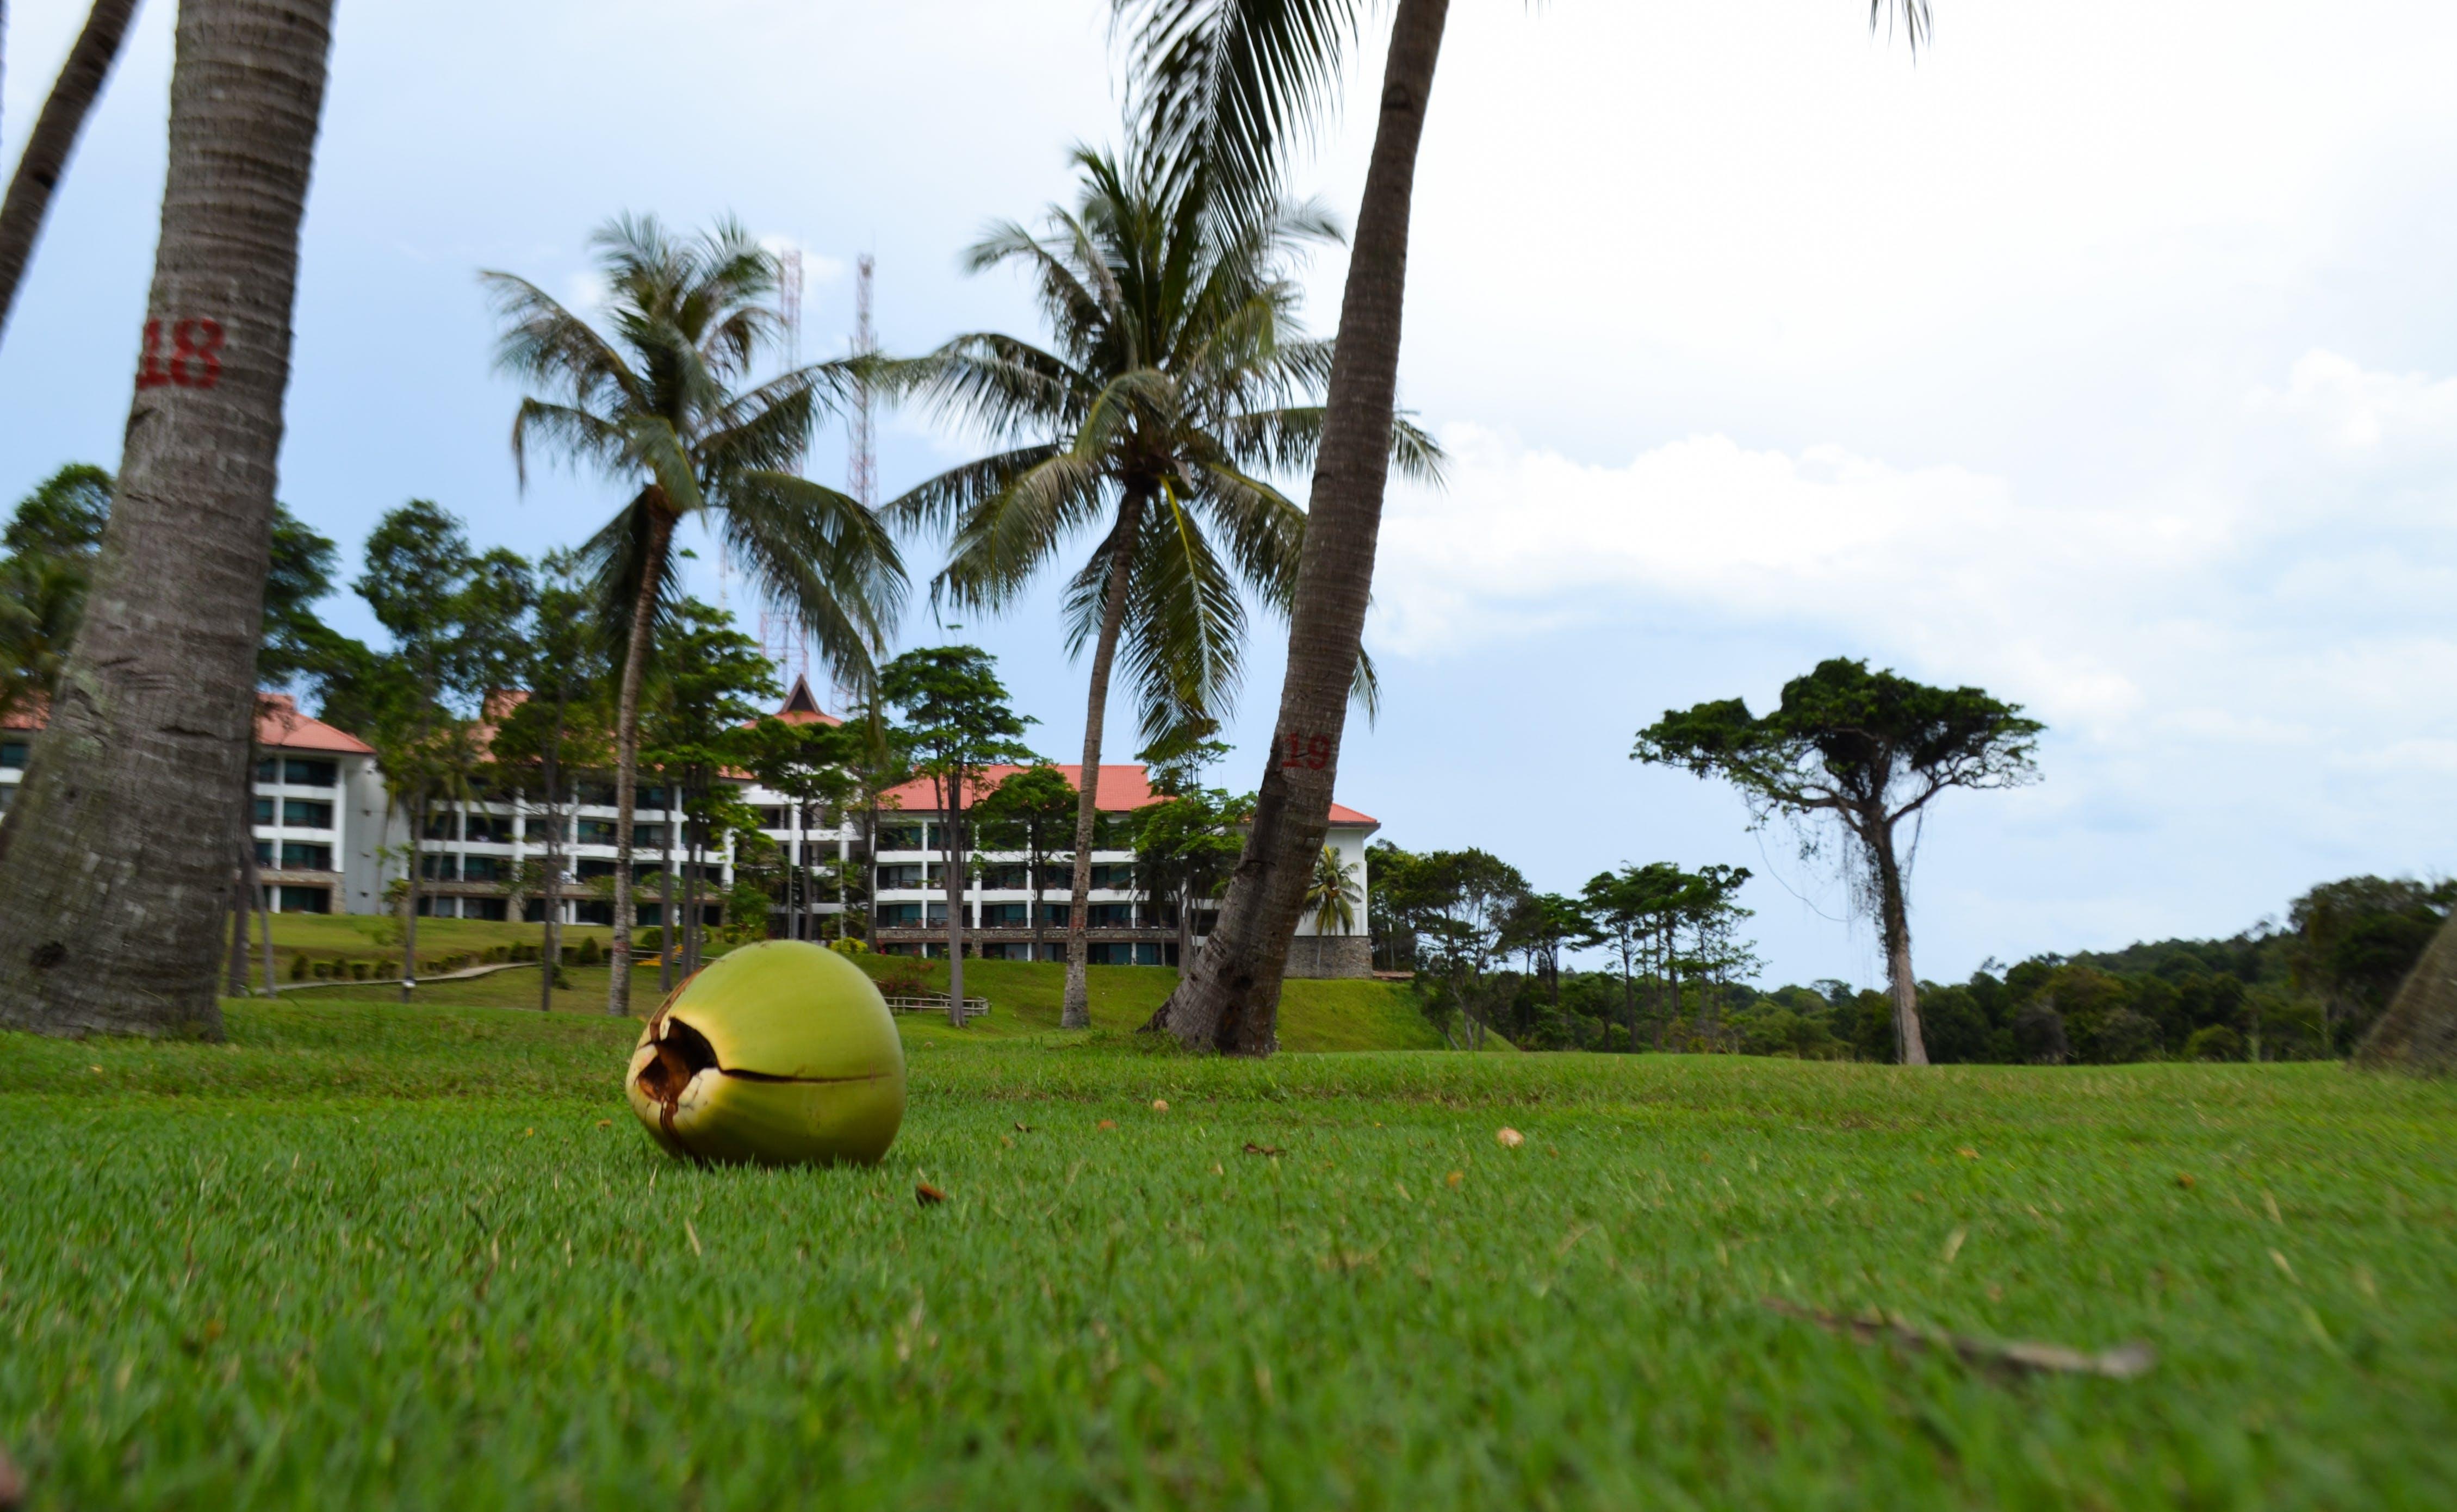 리조트, 손바닥, 야자나무, 여행의 무료 스톡 사진